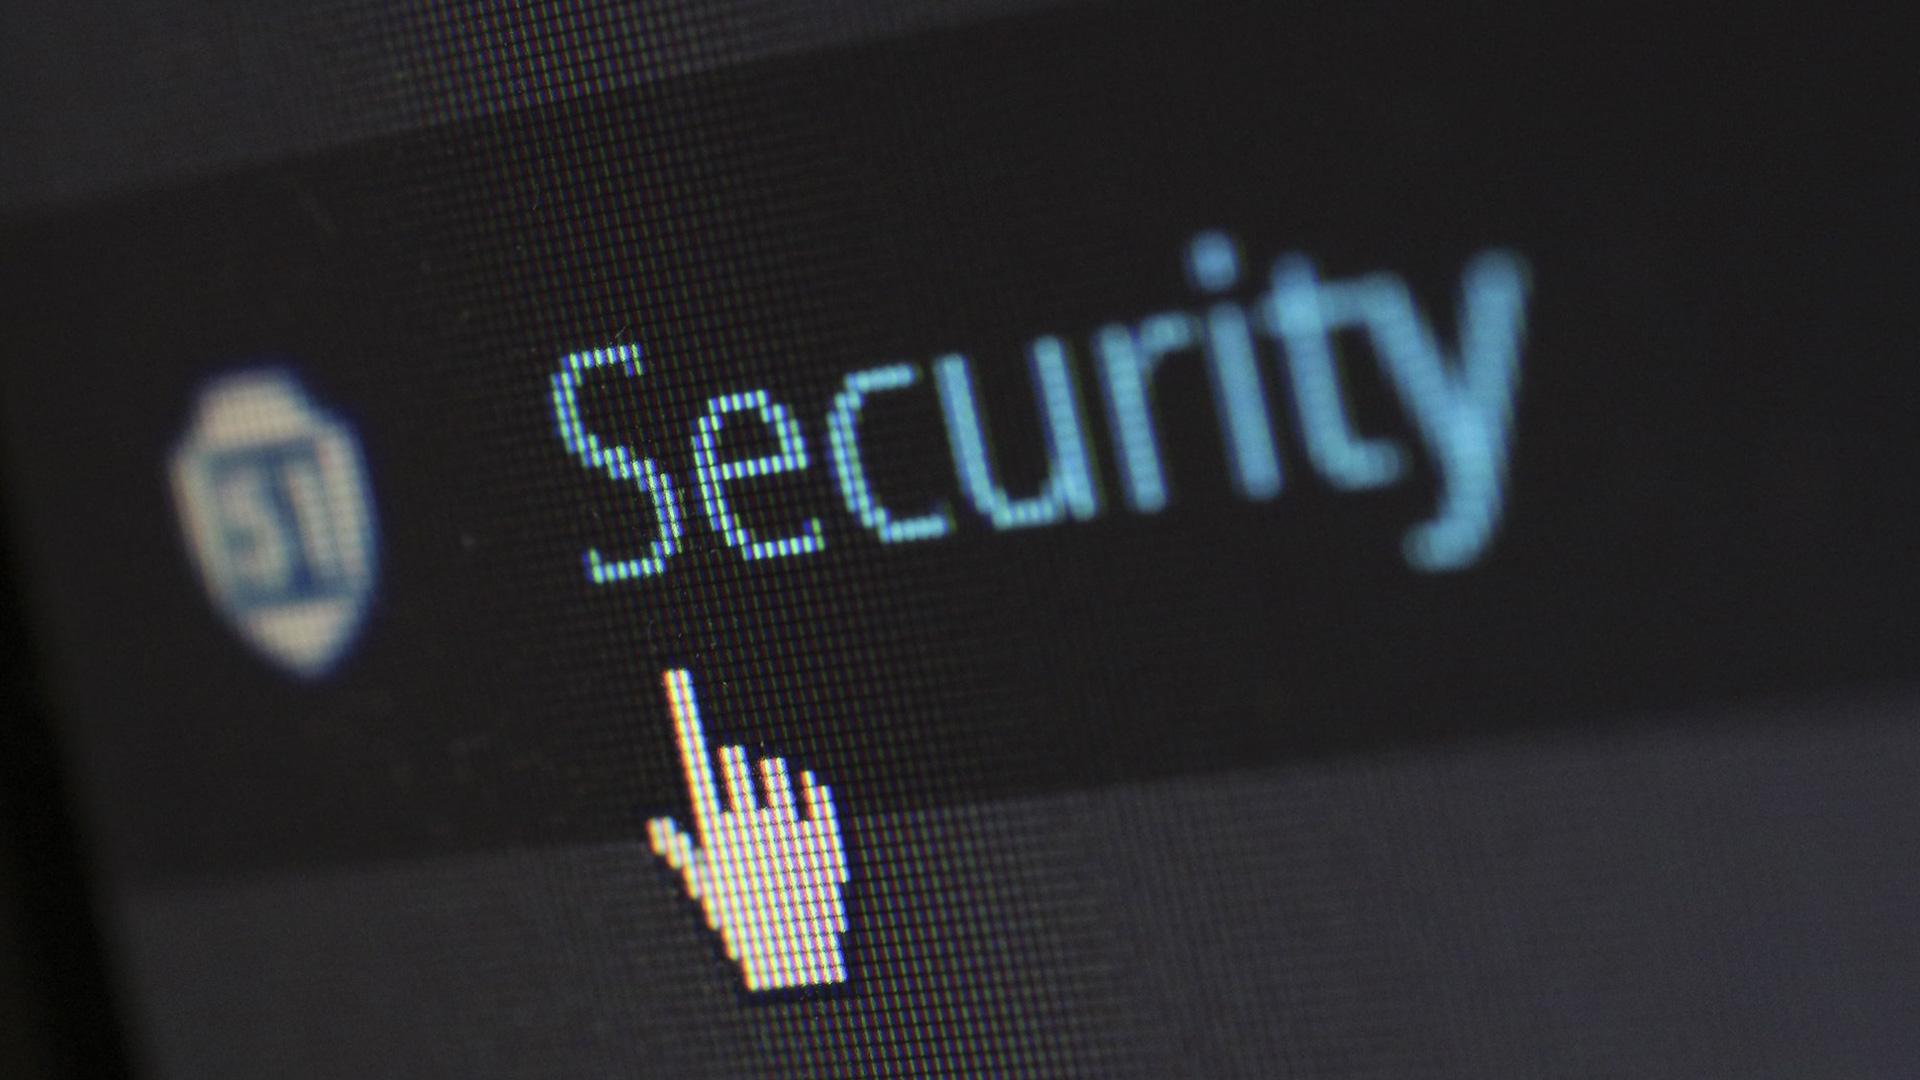 Latvijā aktivizējušies kibernoziedznieki